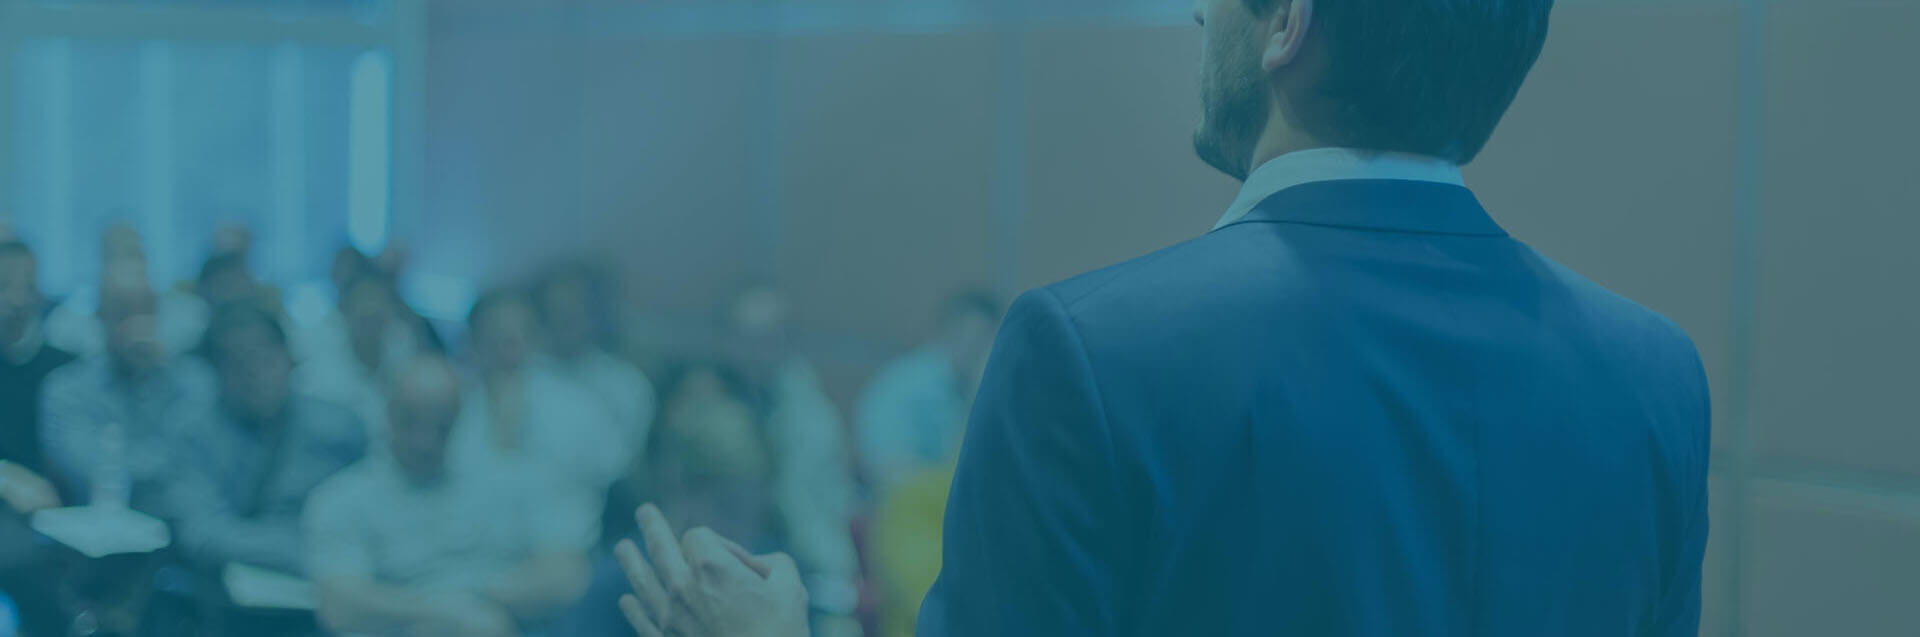 A mesma qualidade e metodologia de ensino do CADP, voltadas à prática de mercado, em formato online (aulas ao vivo e/ou com conteúdo gravado)